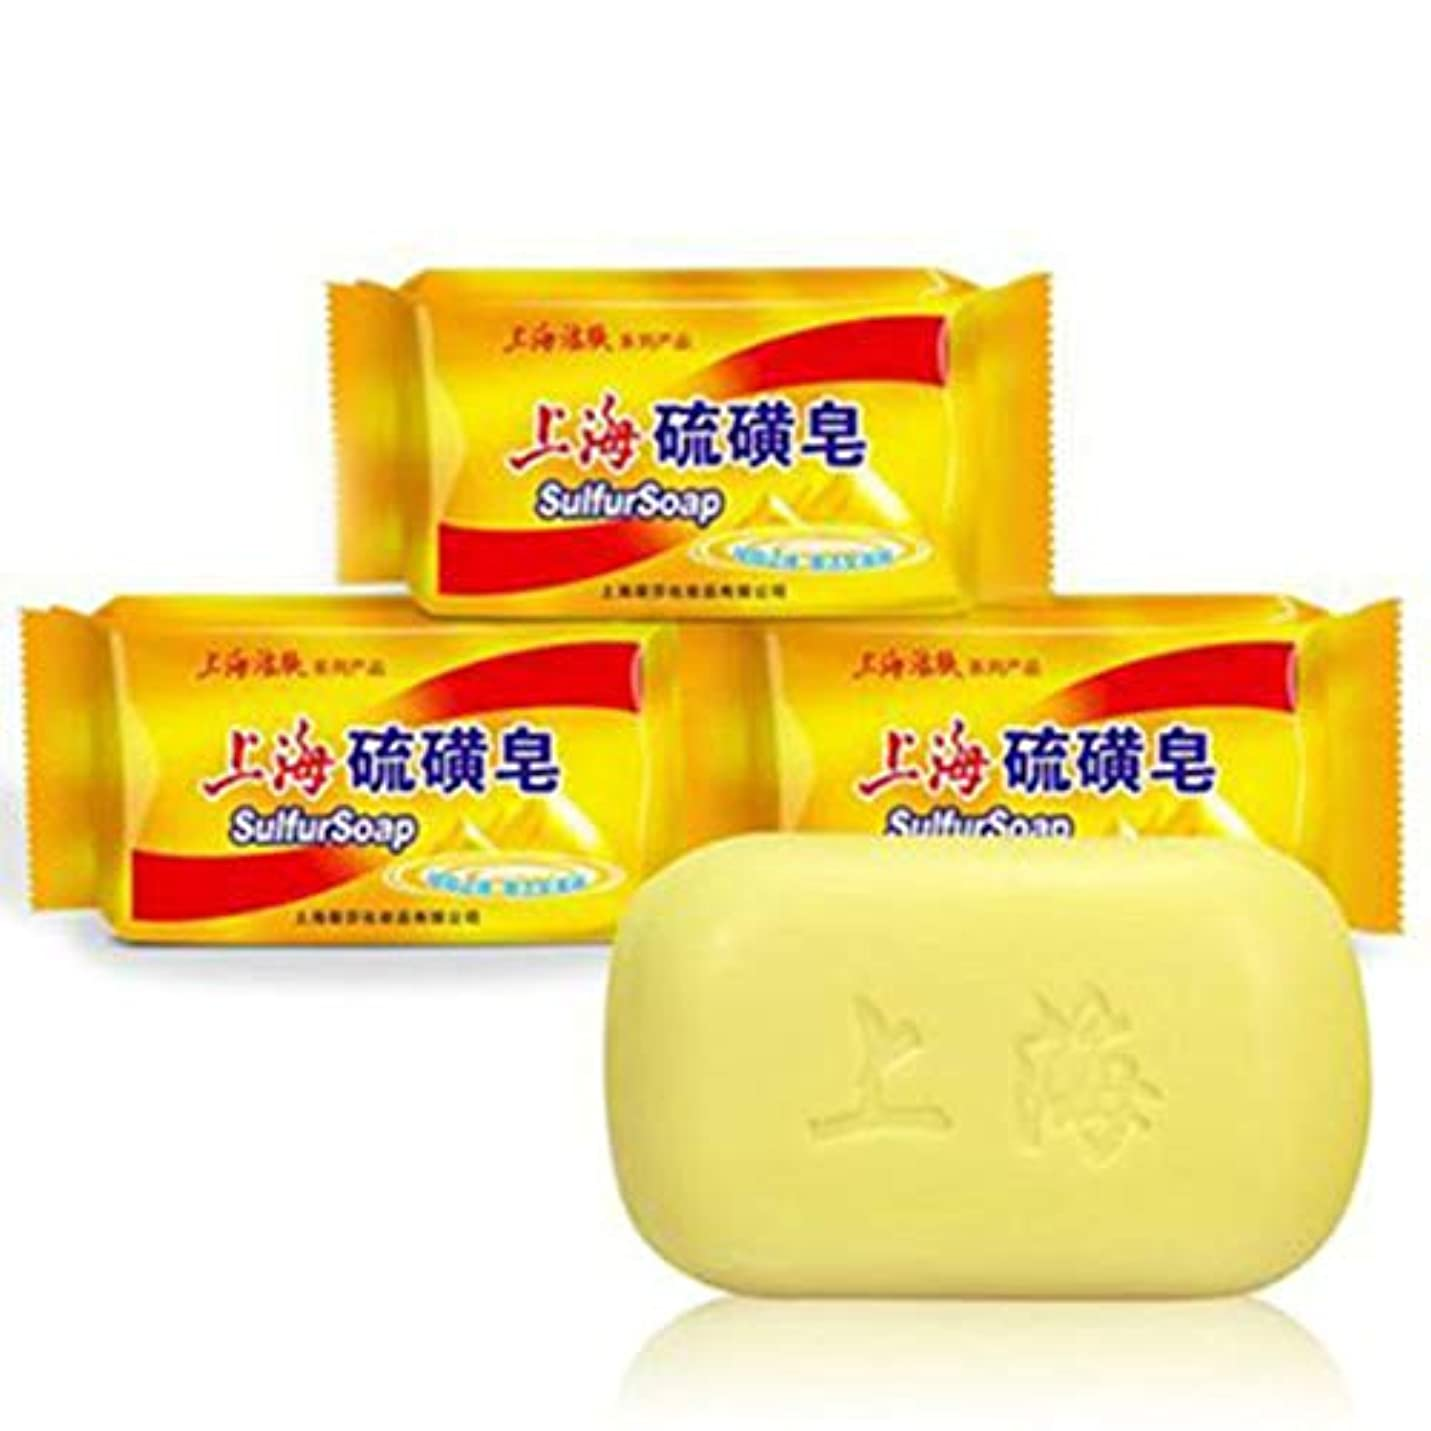 出身地環境保護主義者意気込み石鹸、ダニ石鹸入浴ユニセックス(3パック)に上海硫黄石鹸コントロールオイルフケ